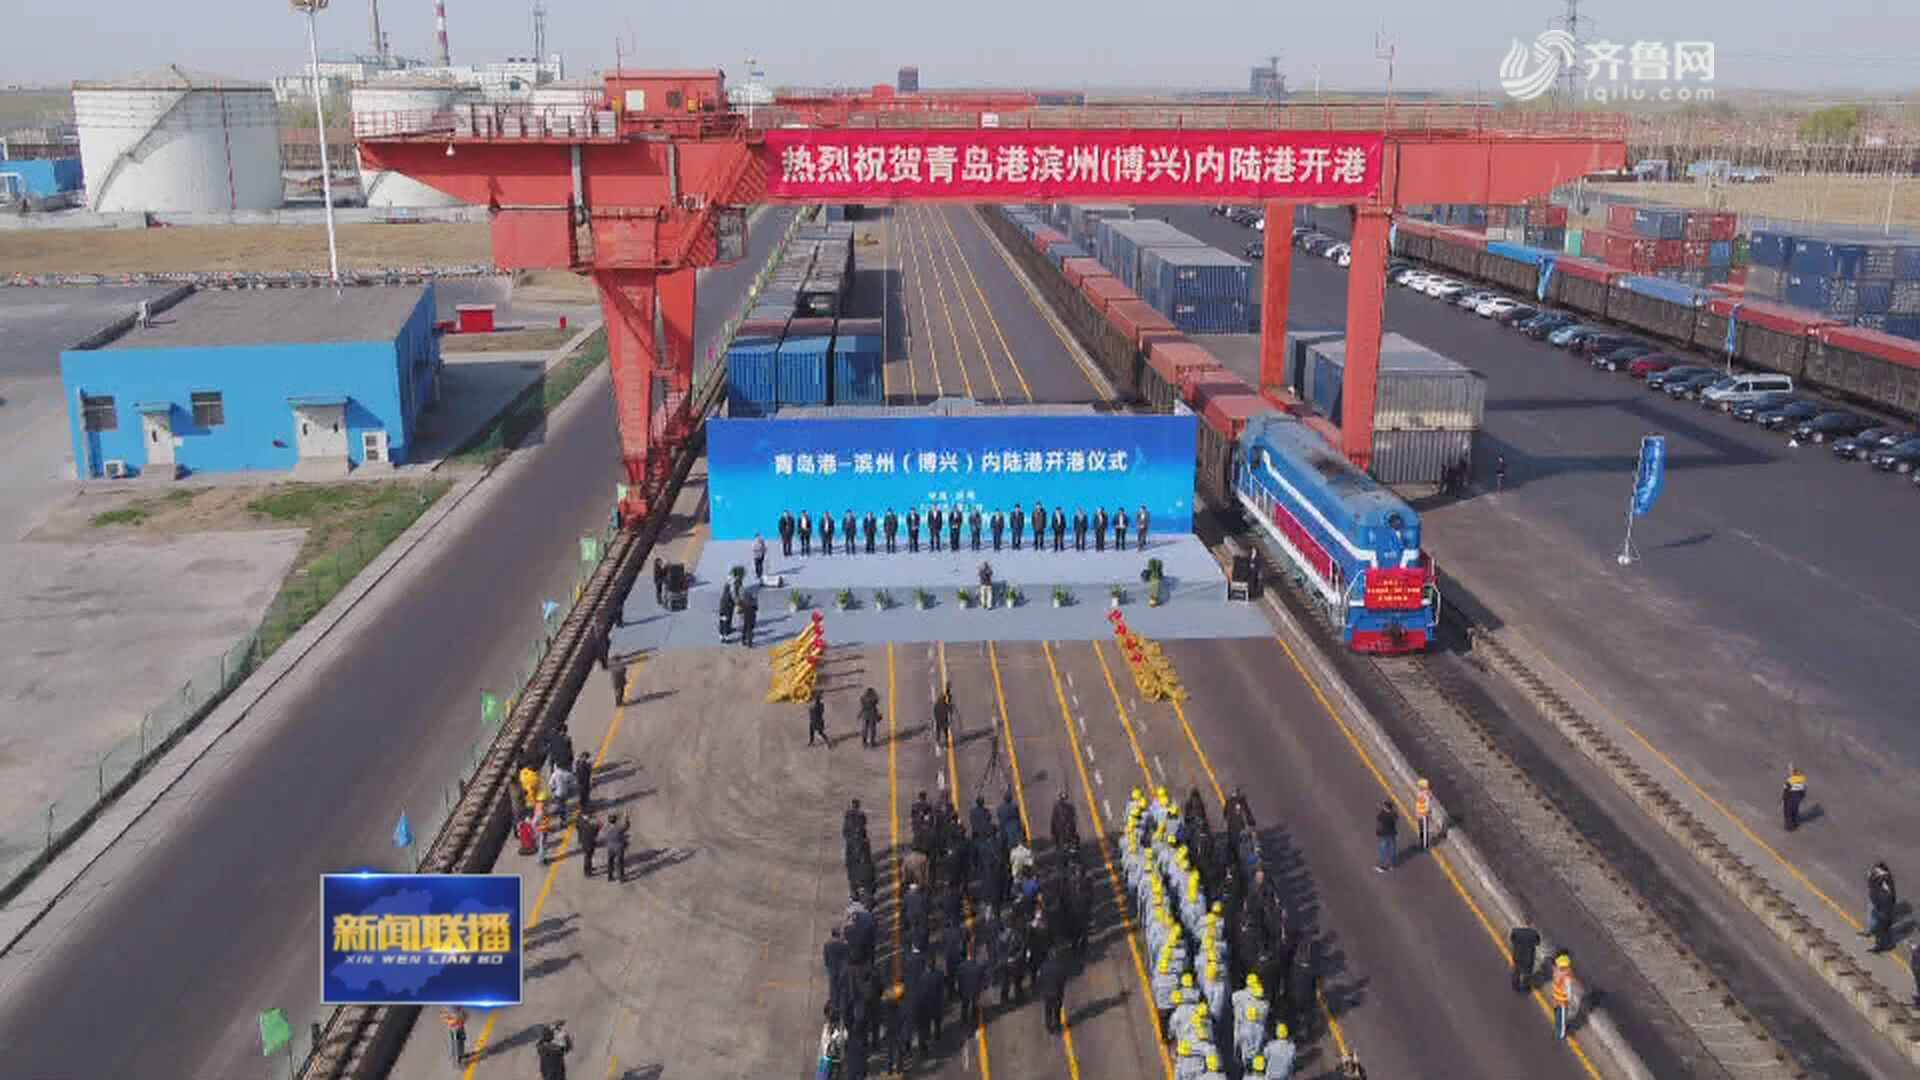 滨州(博兴)内陆港开港 首趟班列开行